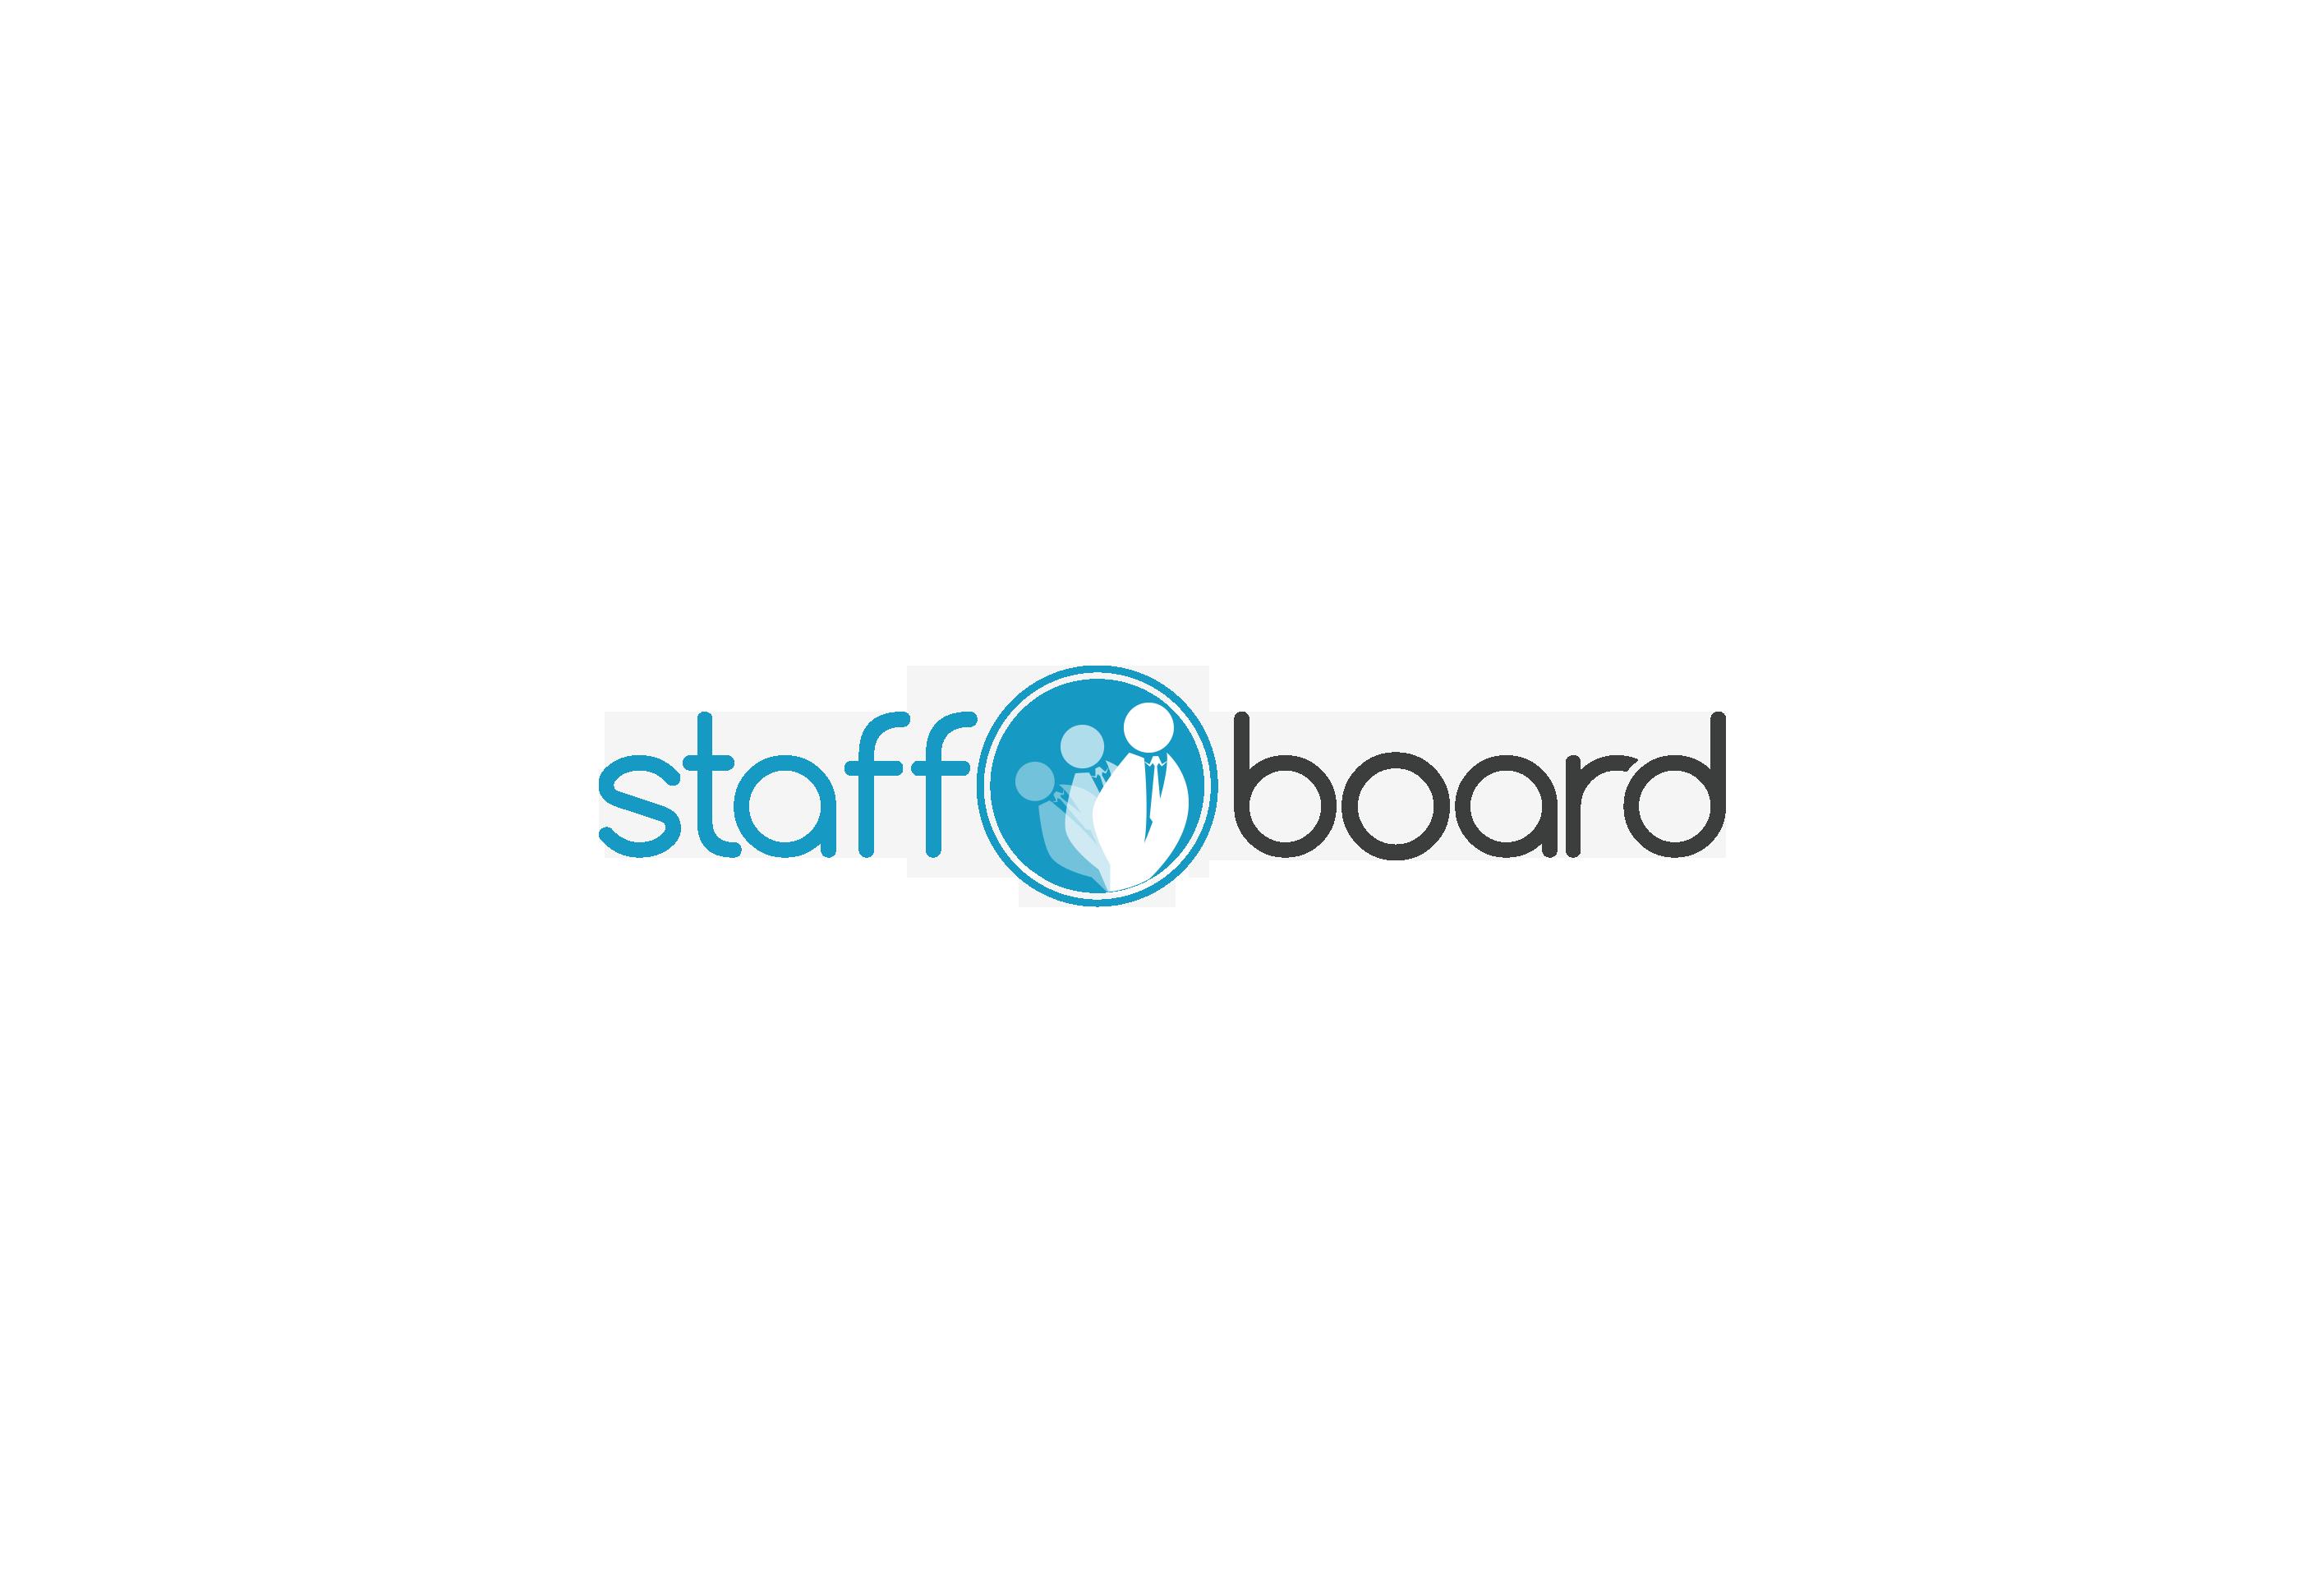 Bewertungen Staffboard: Die Personalsoftware für HR Gestalter - Appvizer